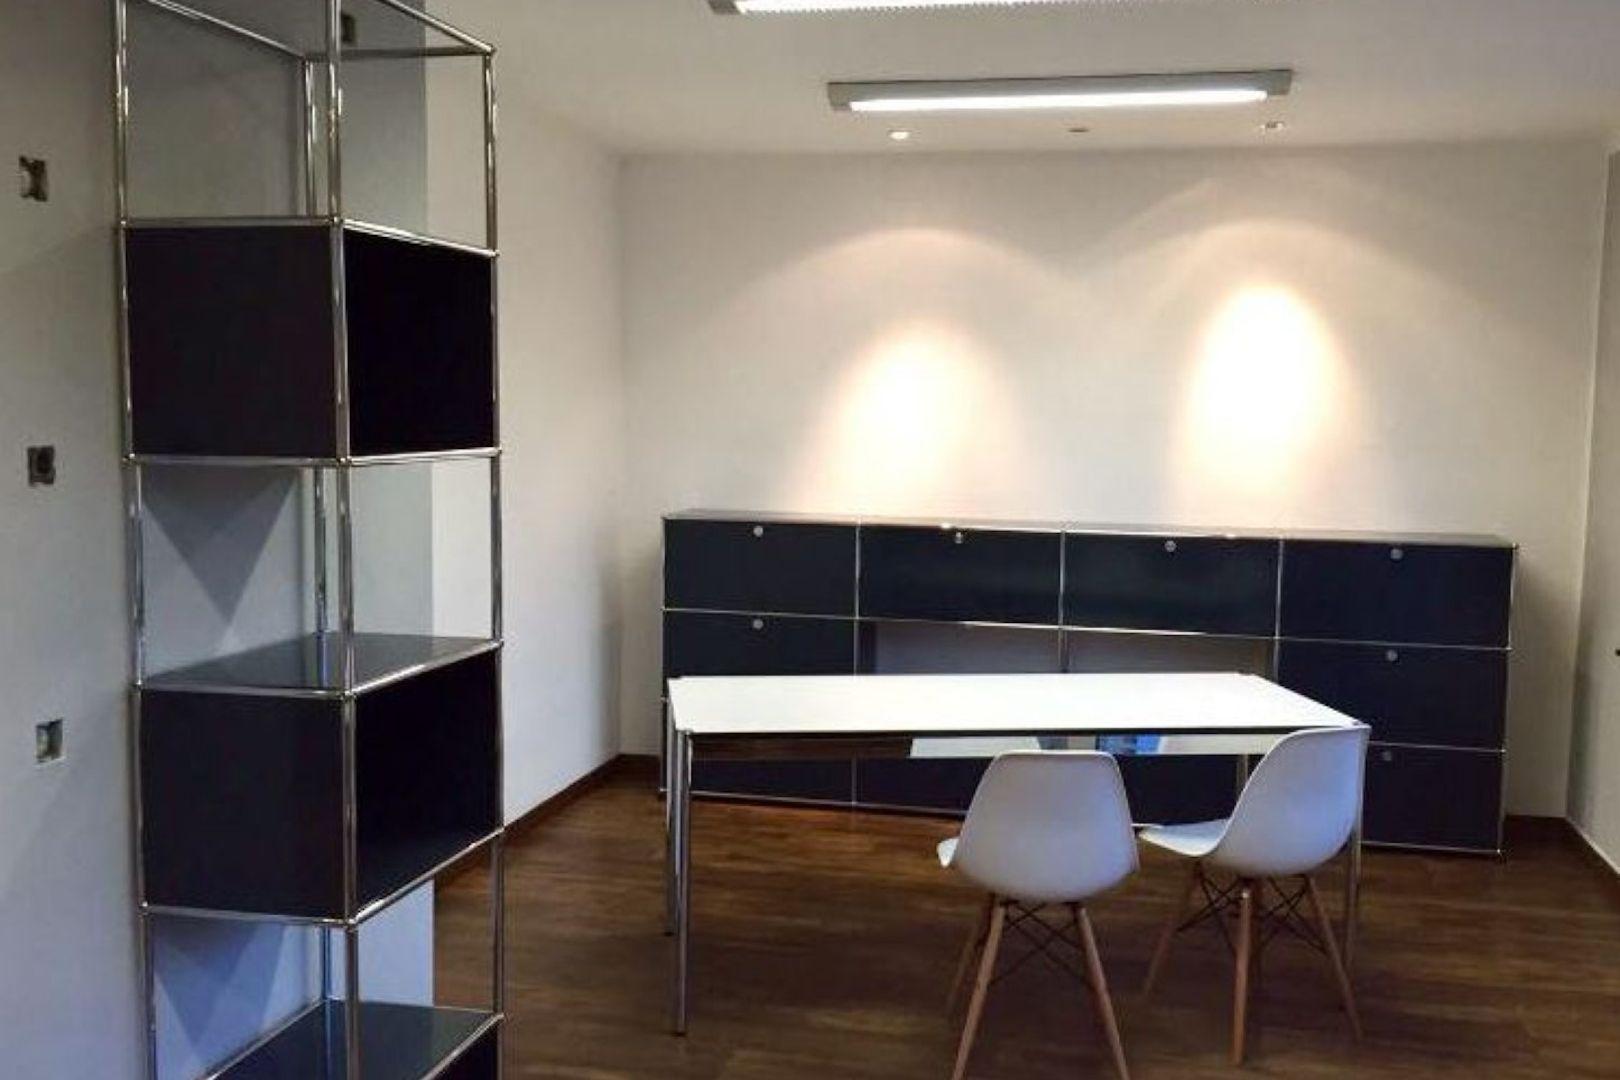 Immobilie Nr.0289 - Bürofläche im Erdgeschoss mit zwei Räumen  - Bild 3.jpg